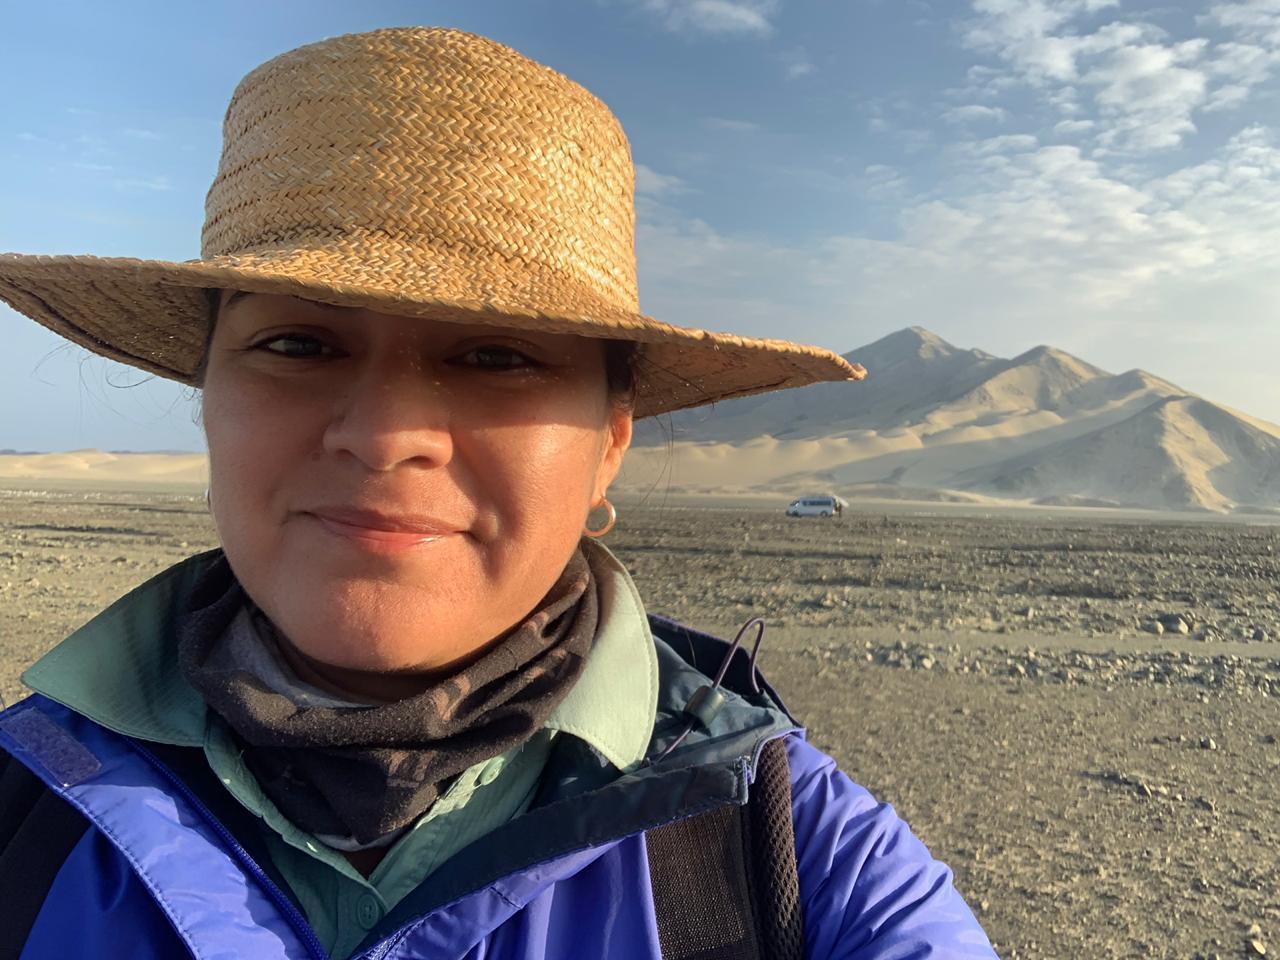 conferencia-de-la-arqueologa-peruana-ana-cecilia-mauricio-organizada-en-bucarest